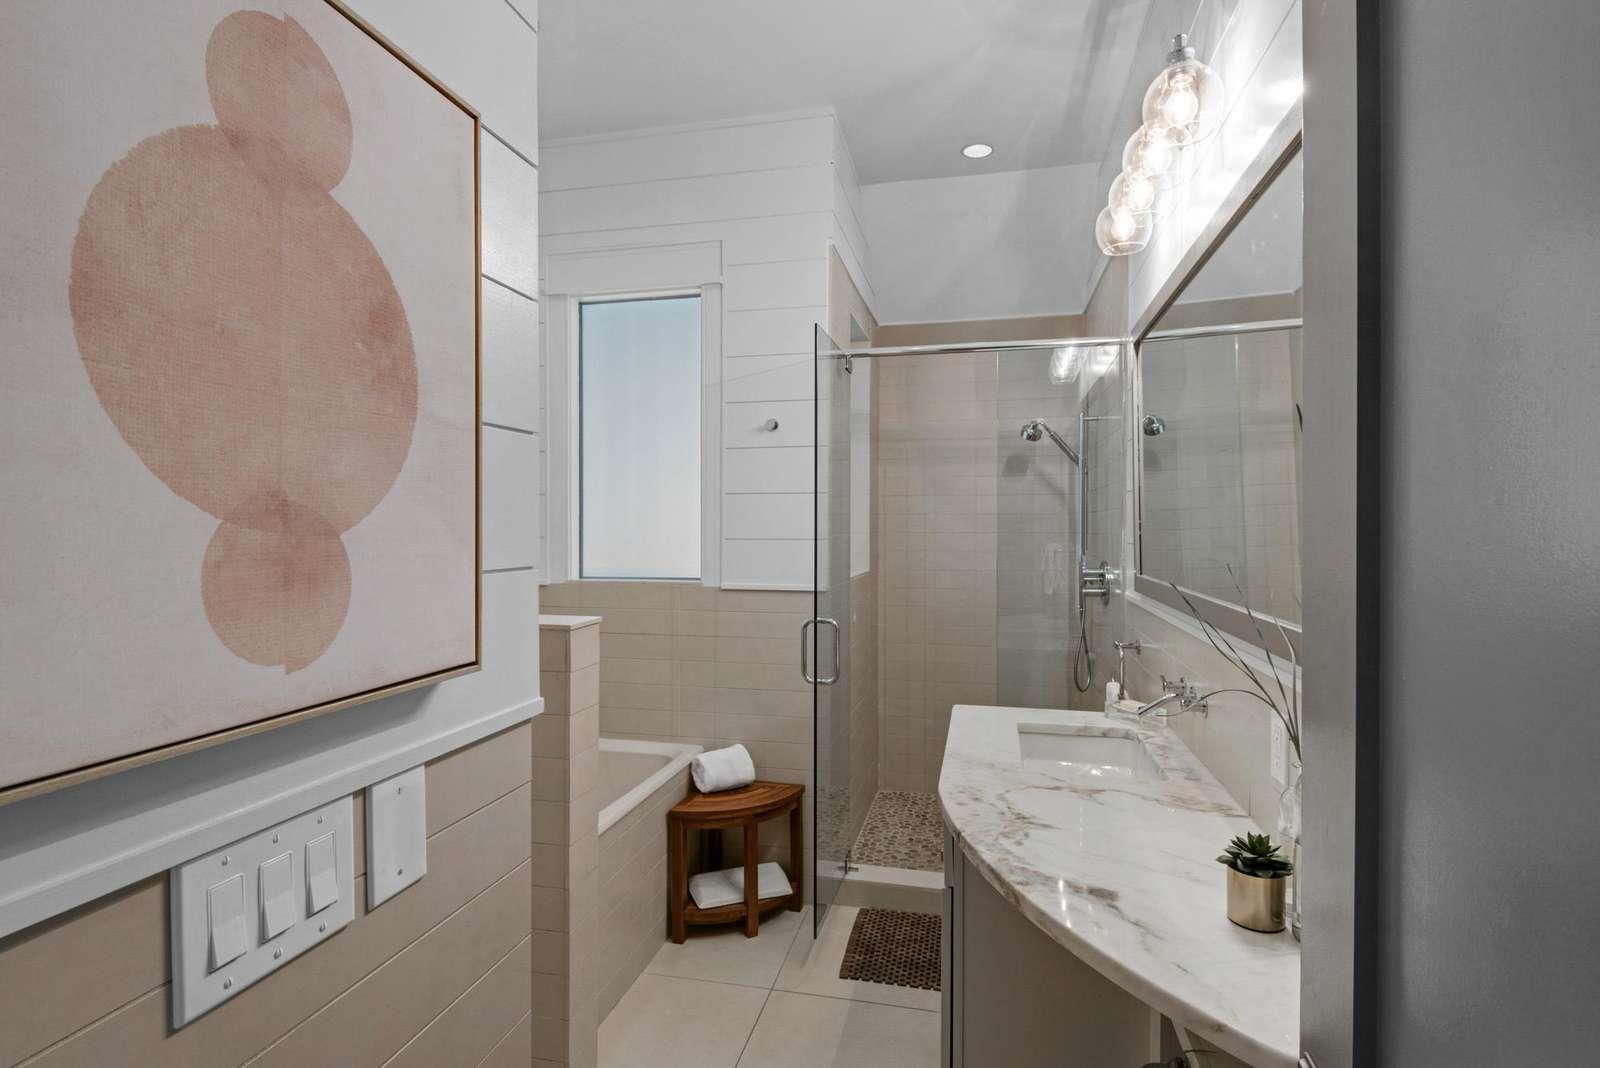 Second floor master bath w/walk-in shower